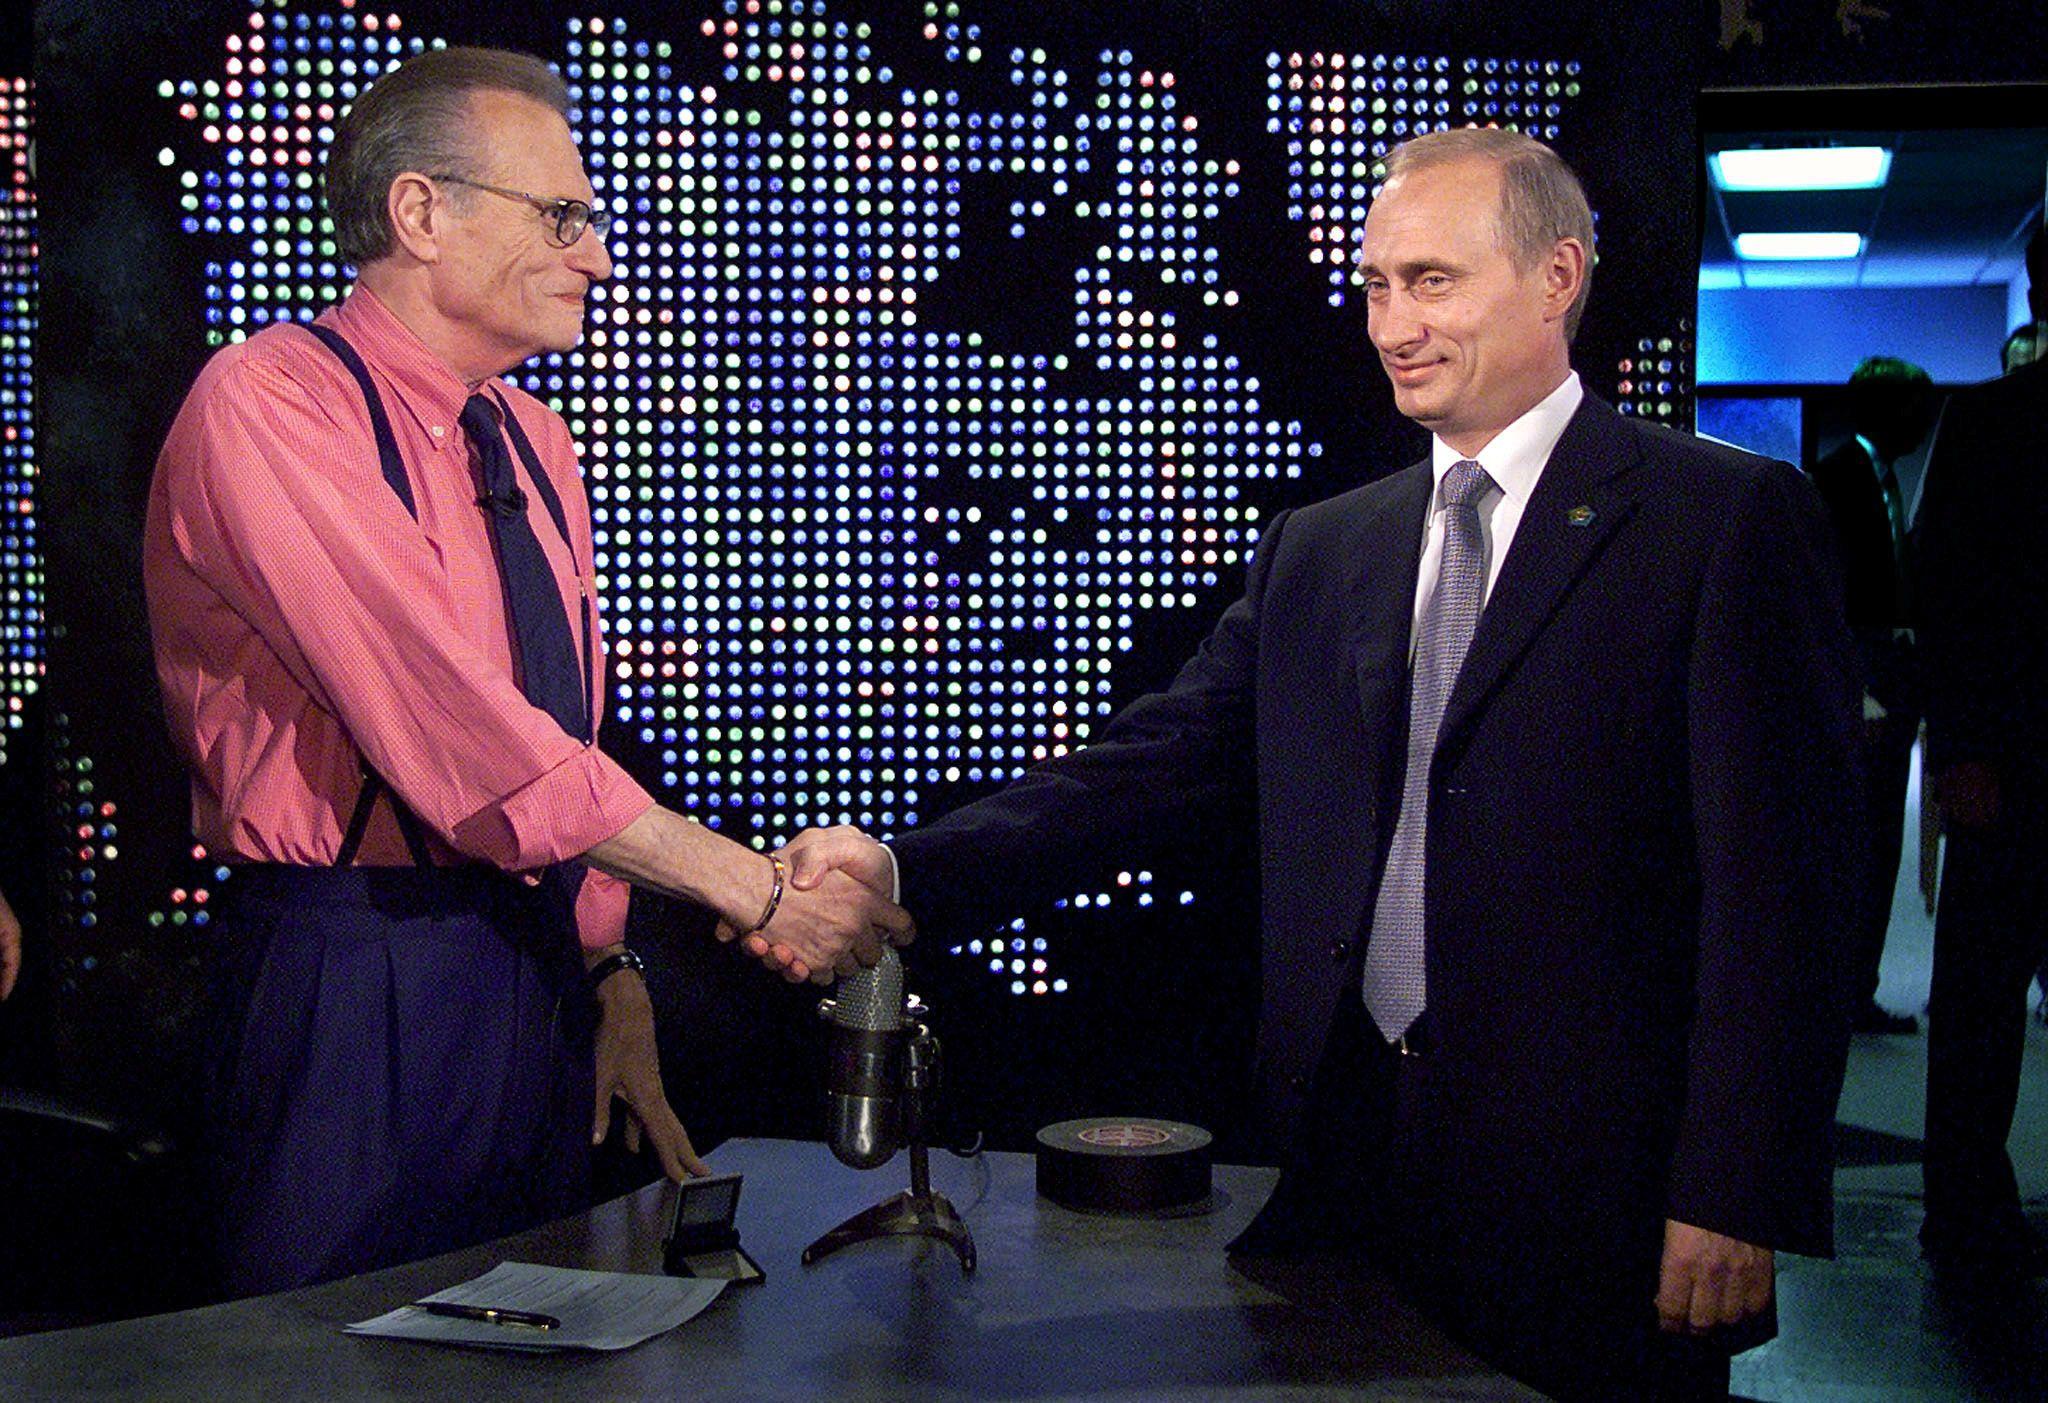 """El presidente ruso Vladimir Putin estrecha la mano de Larry King antes de una grabación de """"The Larry King Show"""" en Nueva York, Estados Unidos, el 8 de septiembre de 2000. REUTERS/File Photo"""